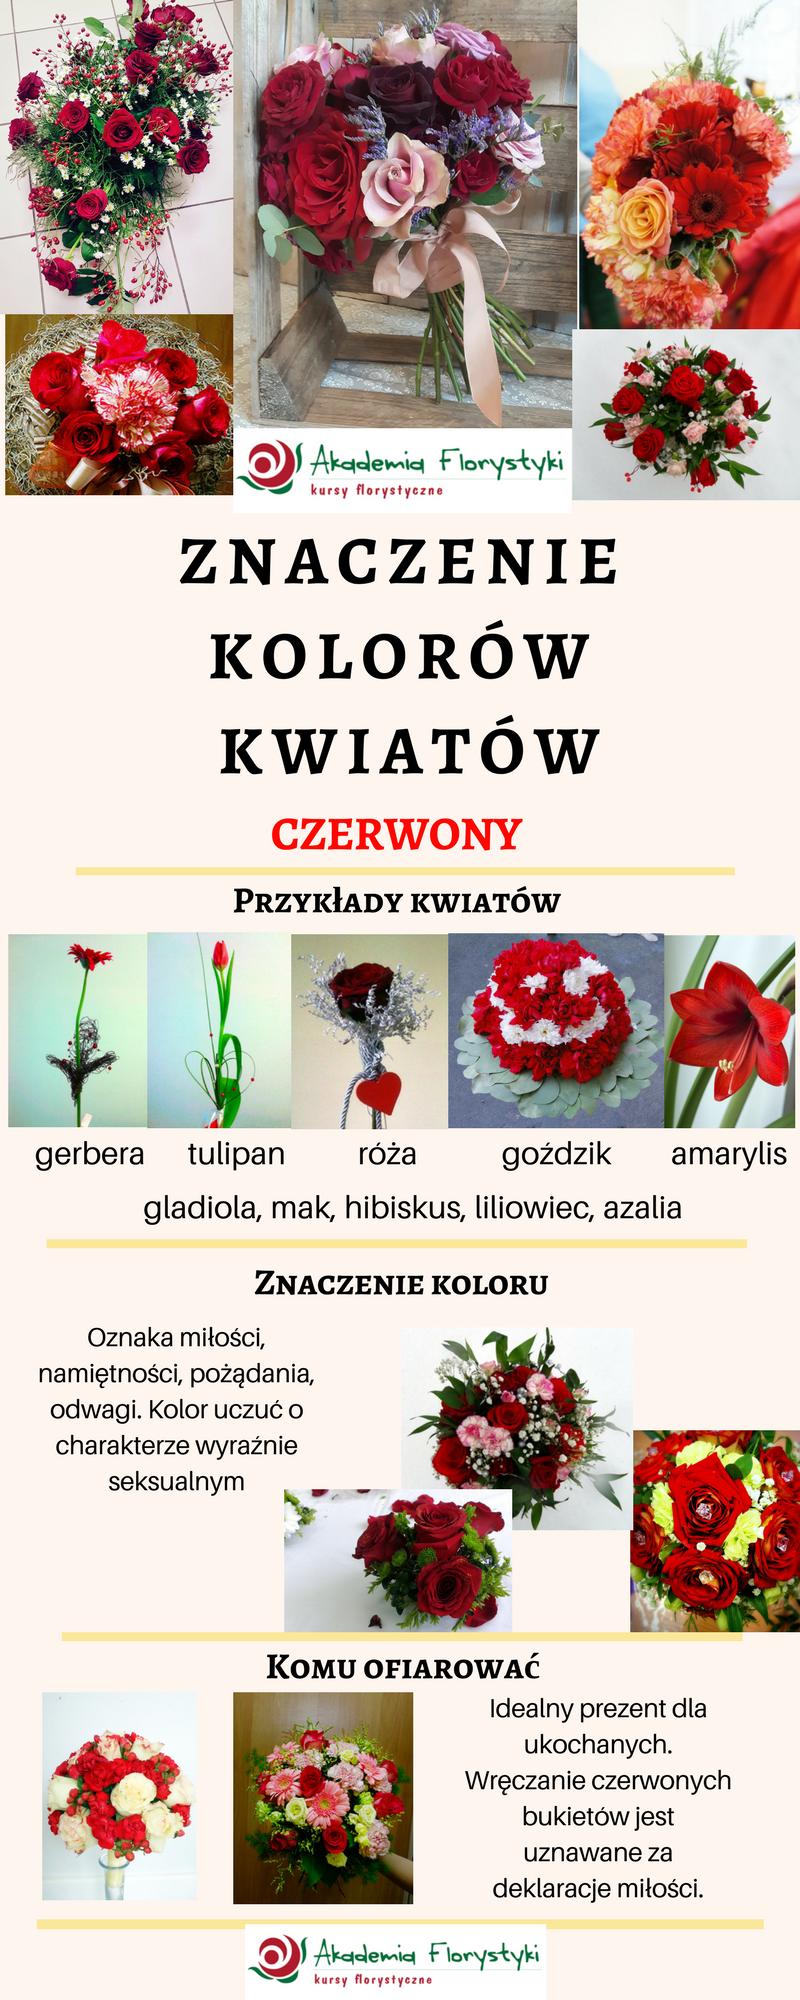 znaczenie kolorów kwiatów - kwiaty czerwone